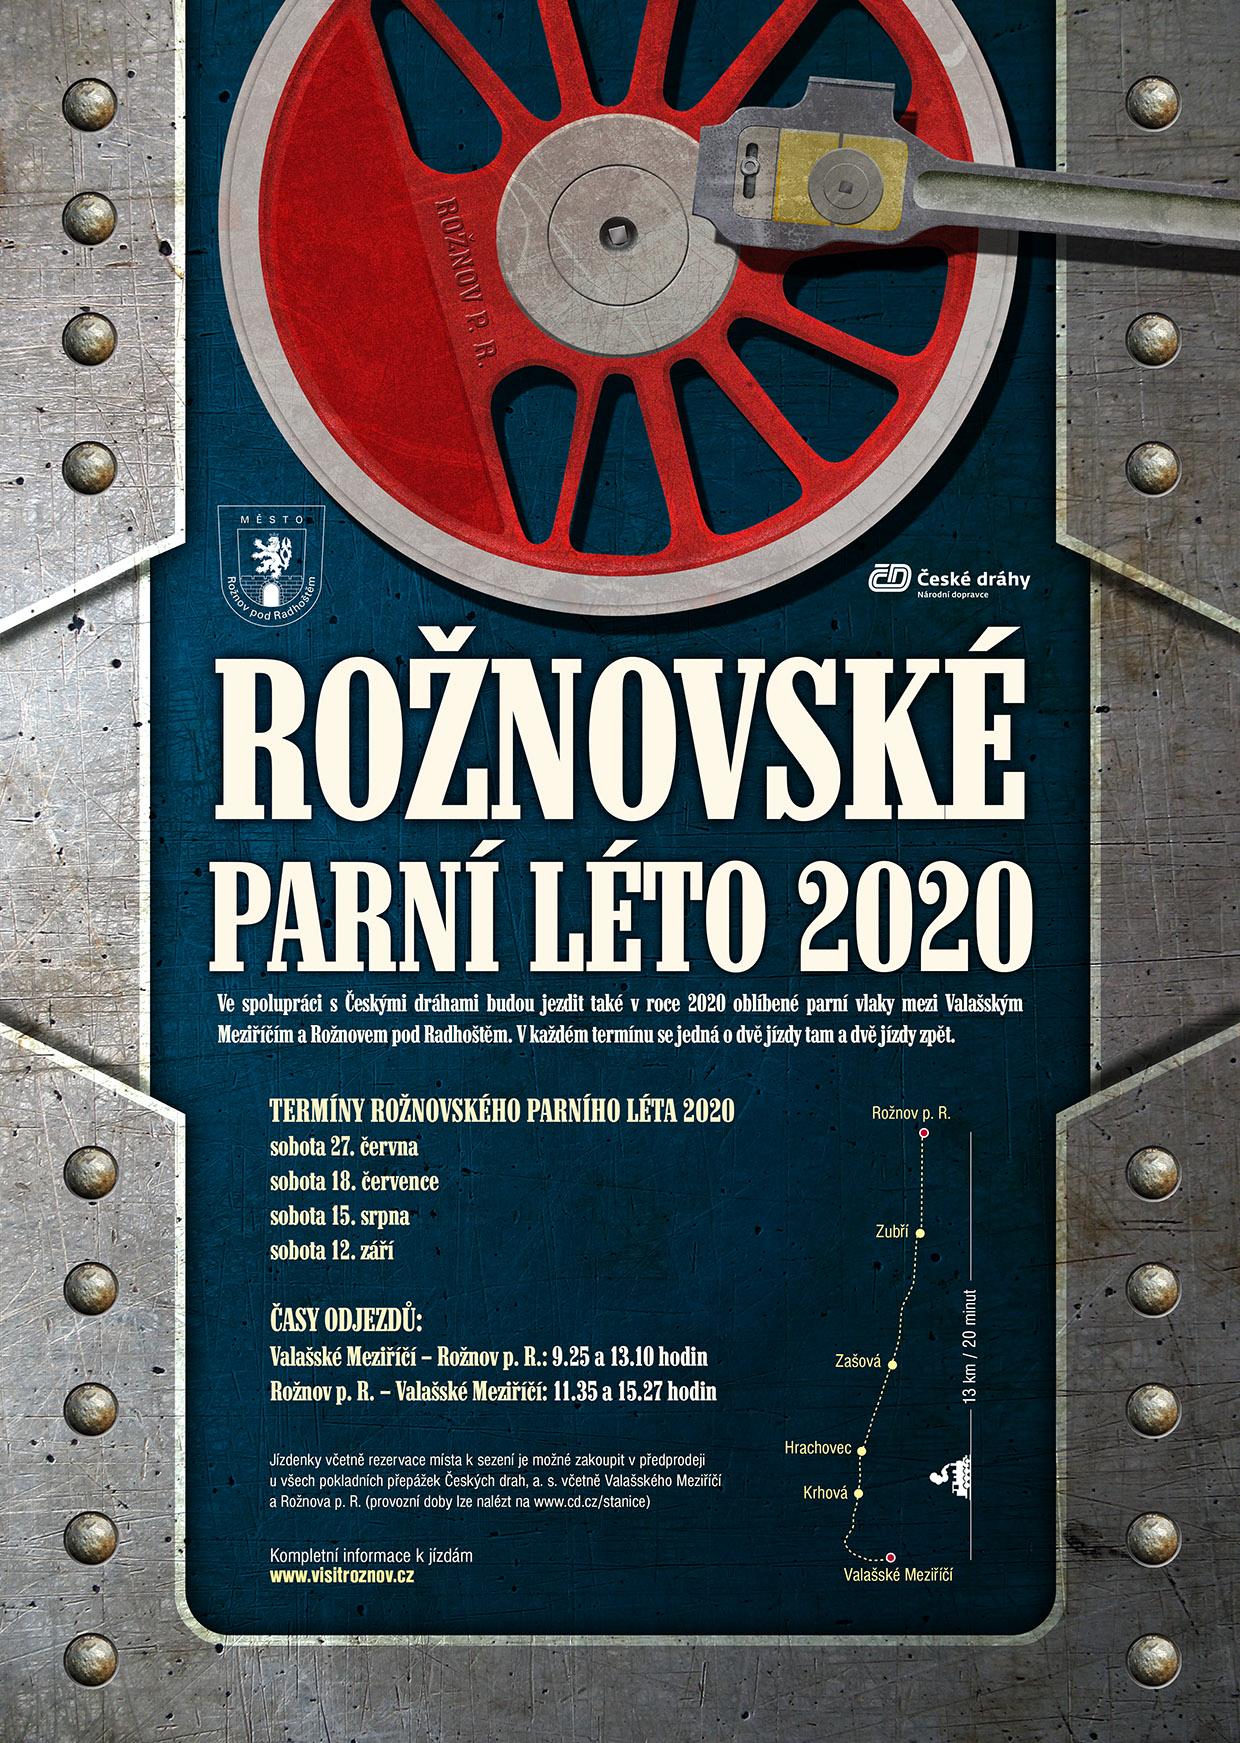 Rožnovské parní léto 2020 plakát